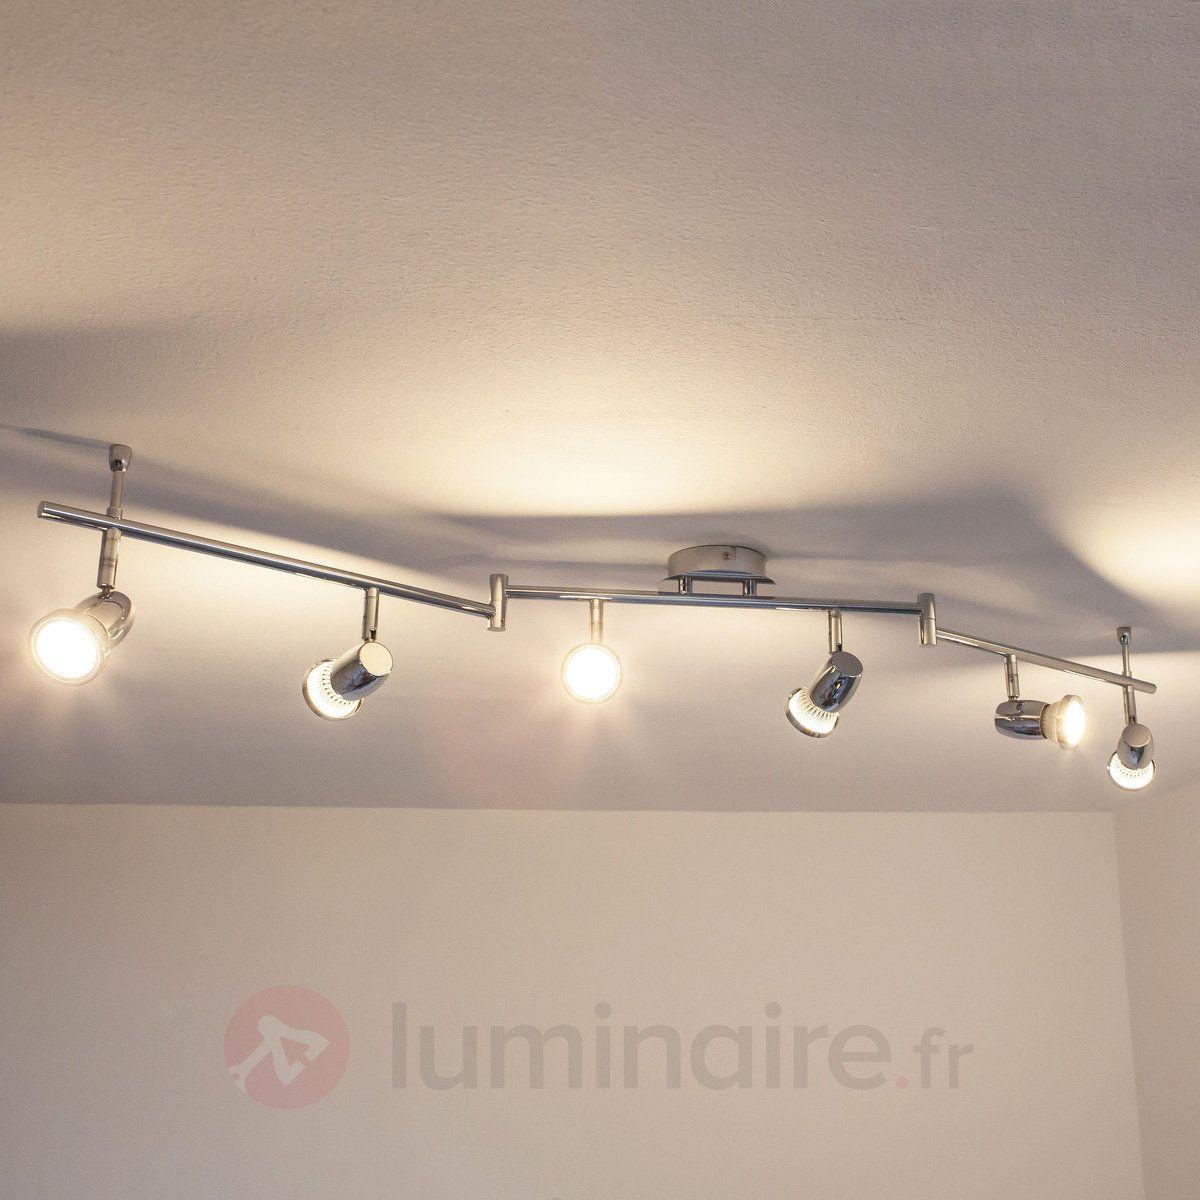 Plafonnier chromé led arminius à 6 lampes 9950375 bathroom lighting chrome salons singapore